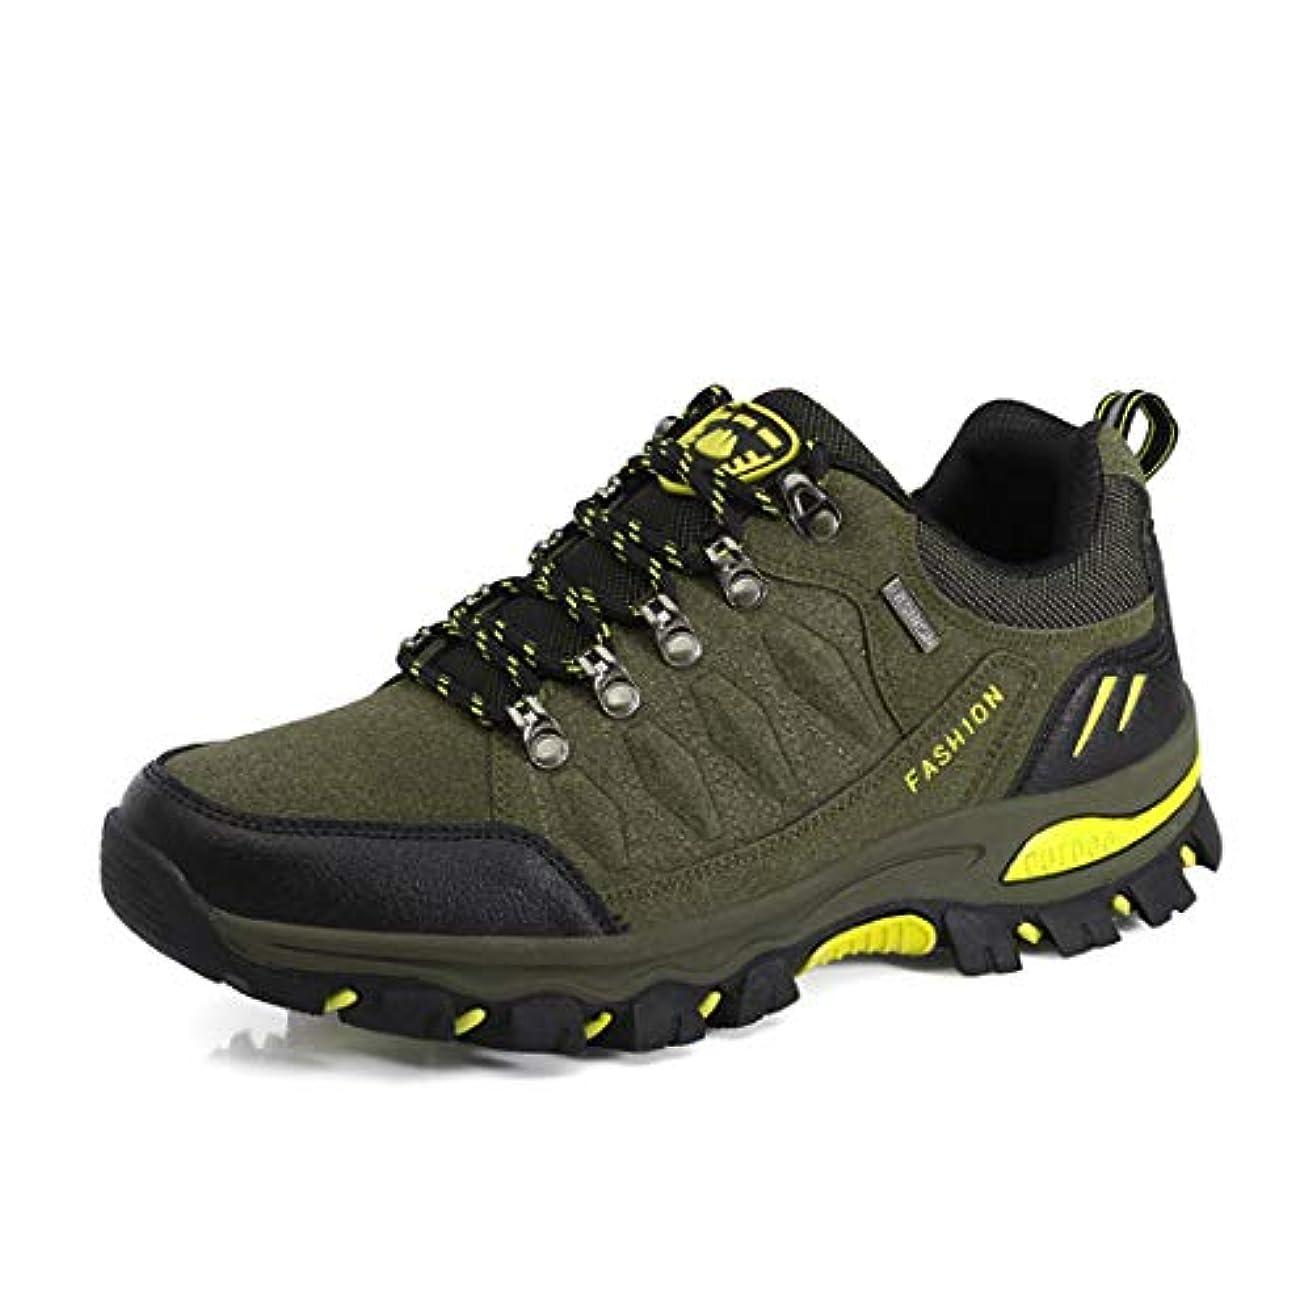 粗い耐久宣教師[cqirbod] 登山靴ハイキングシューズ レディース メンズ トレッキング アウトドア キャンプ シューズ スエード ユニセックス カジュアル